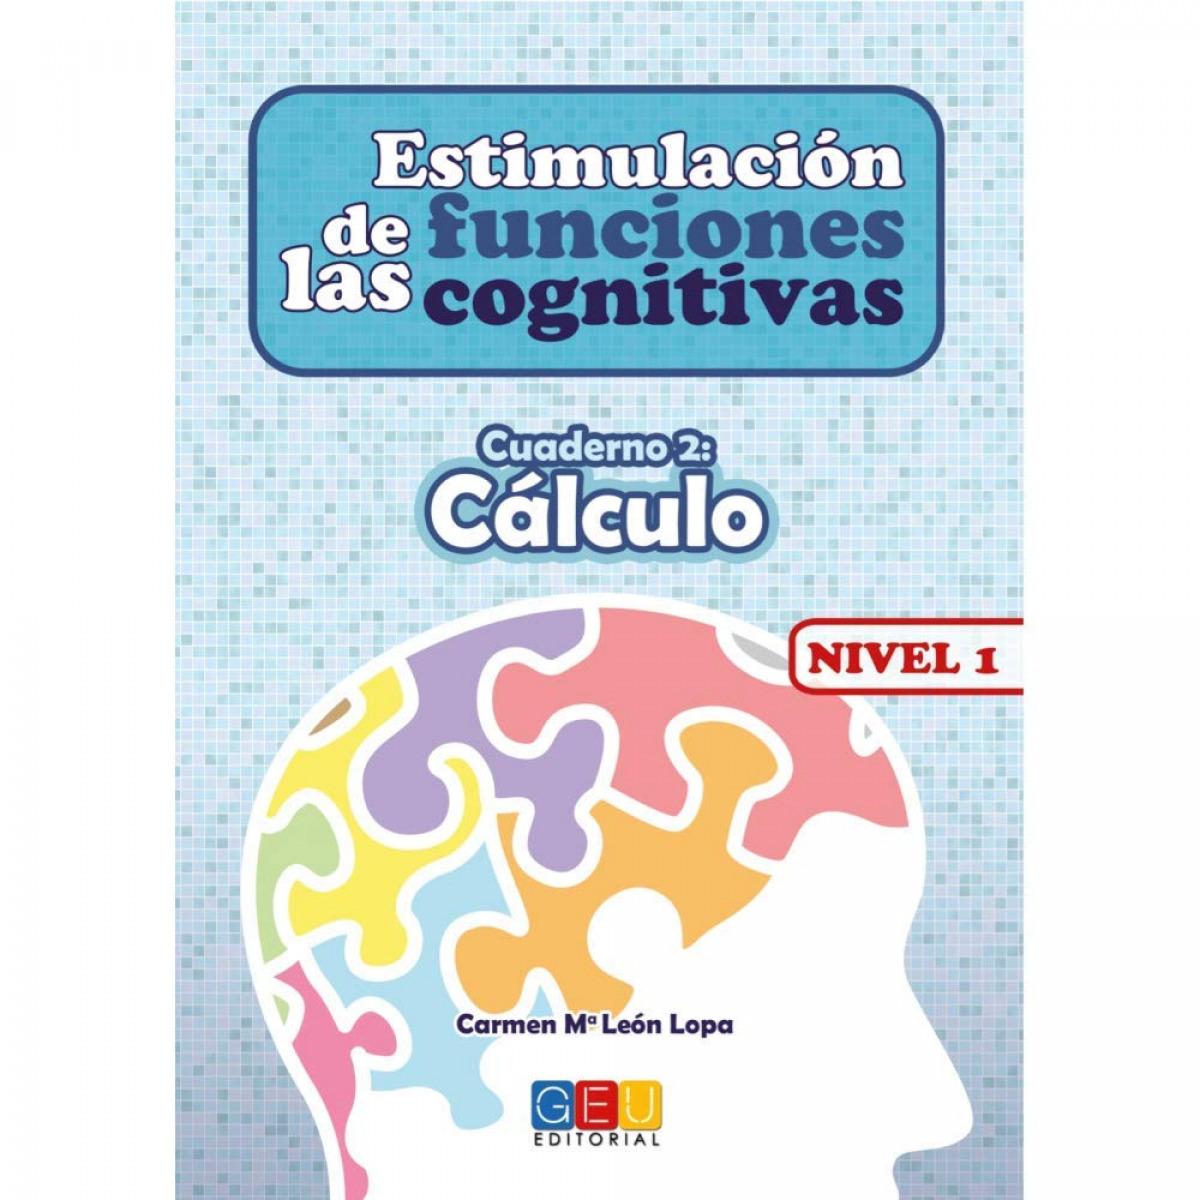 Estimulación de las funciones cognitivas Nivel 1 Cálculo